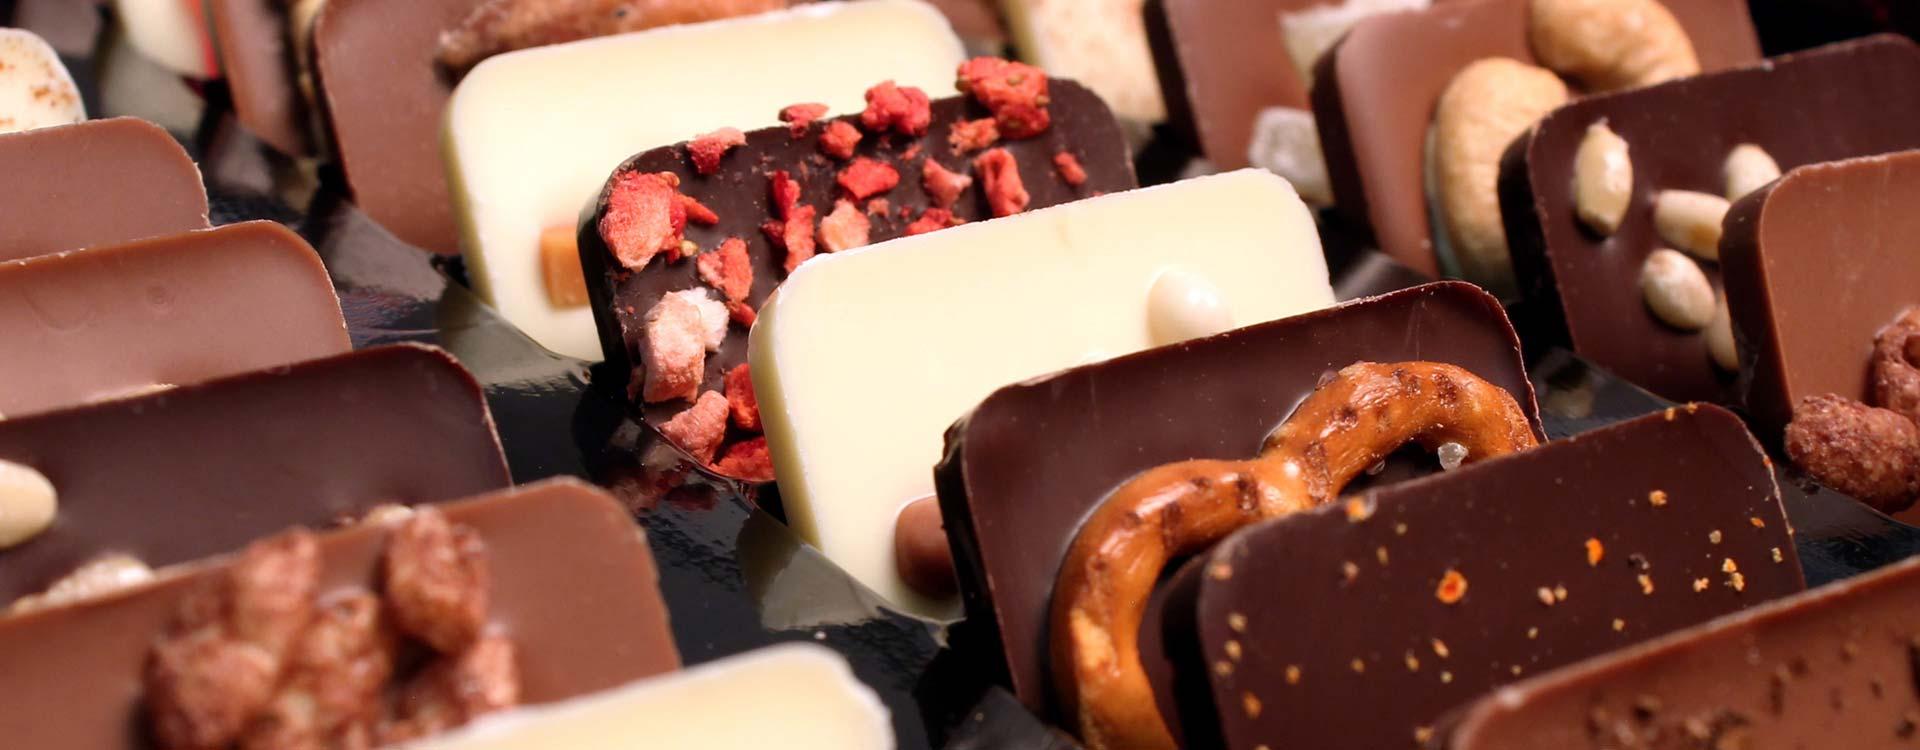 Minischokoladen von chocri in perfekter Form